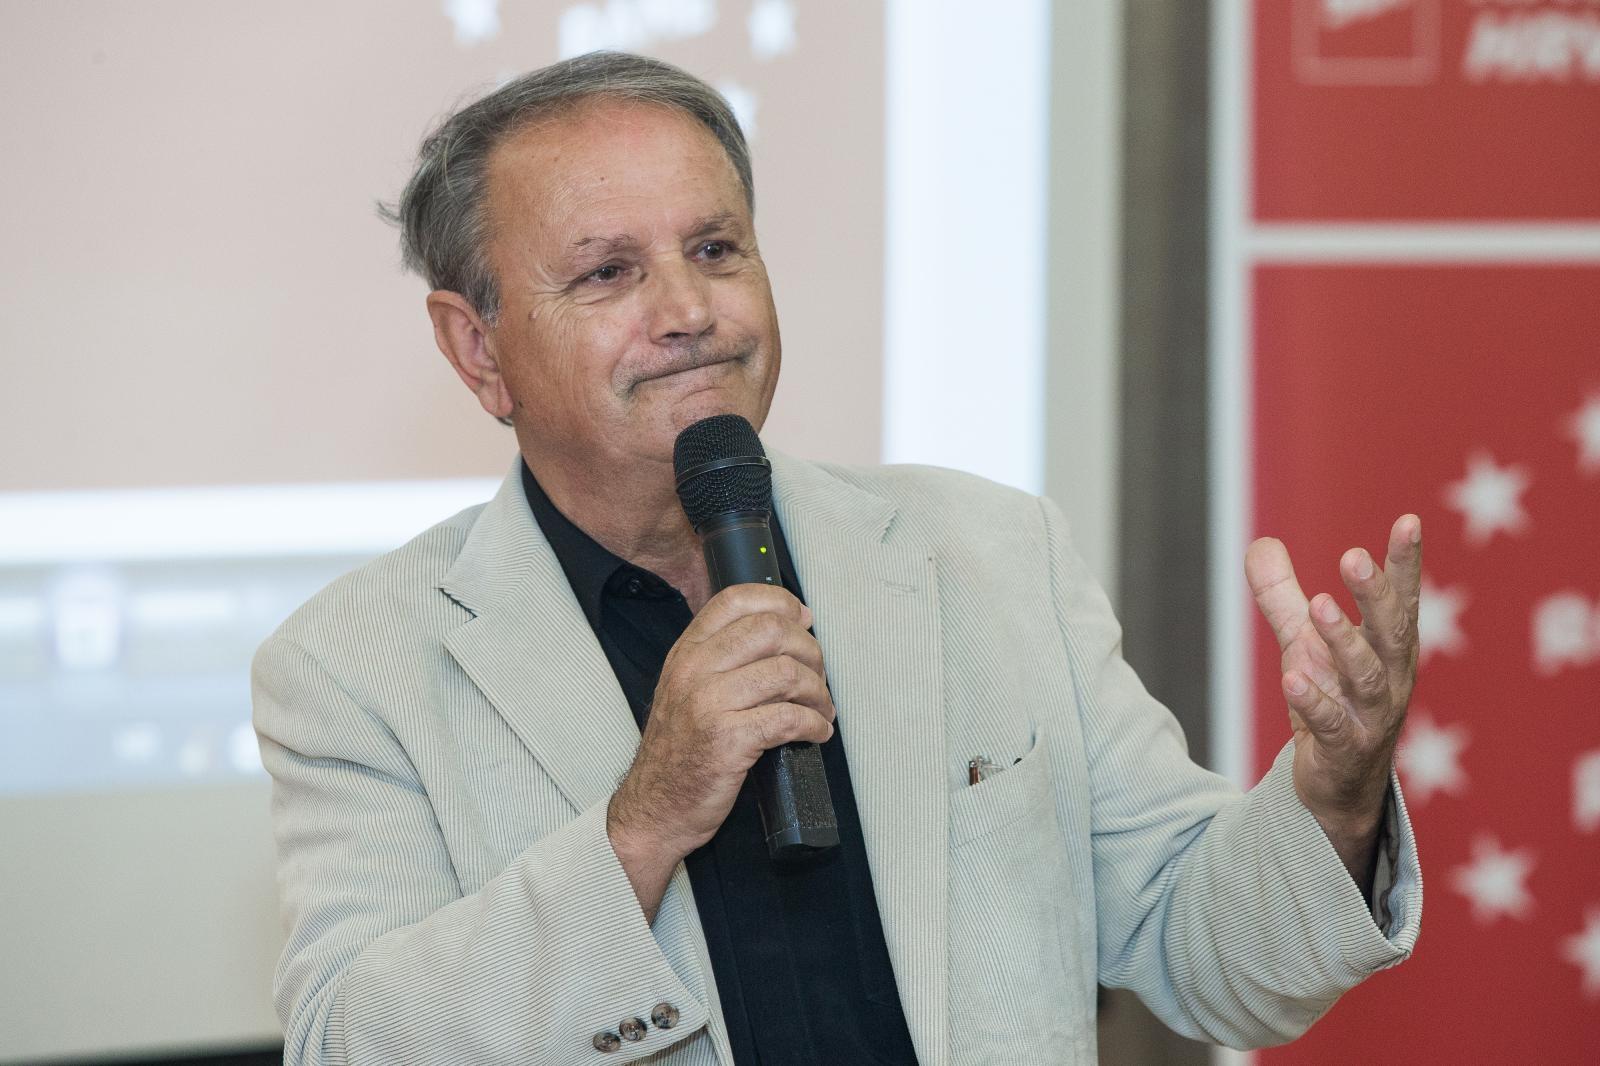 SREDIŠNJICA KREĆE U RASPUŠTANJE!? Željko Sabo dobio jednoglasnu podršku za kandidaturu za gradonačelnika Vukovara!